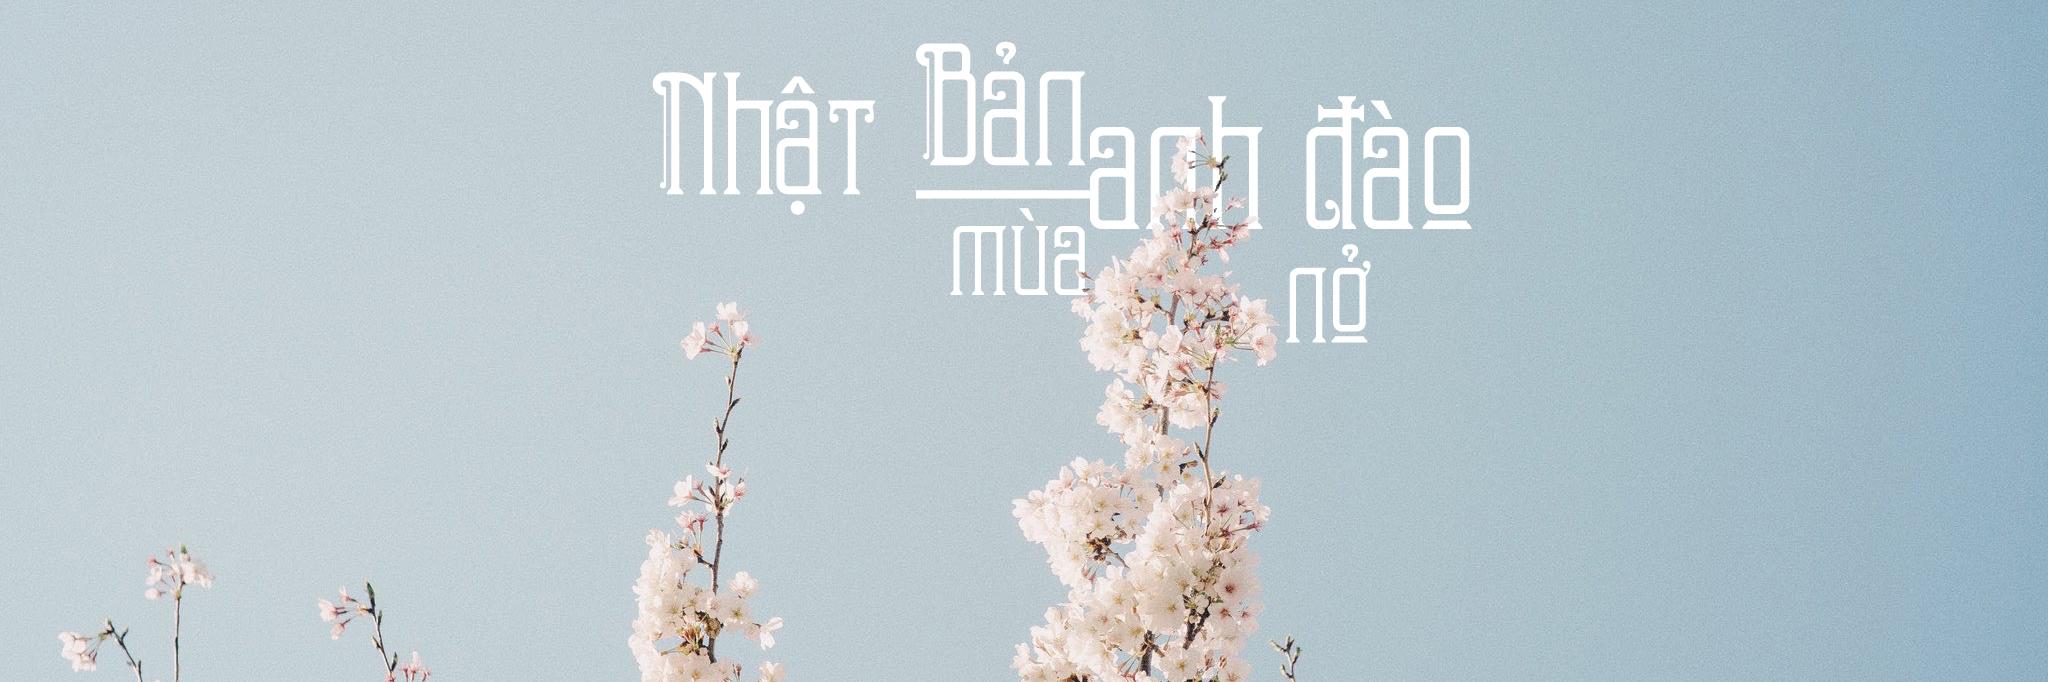 https://gody.vn/blog/vanhaitlhb231322/post/nhat-ban-mua-anh-dao-no-6521